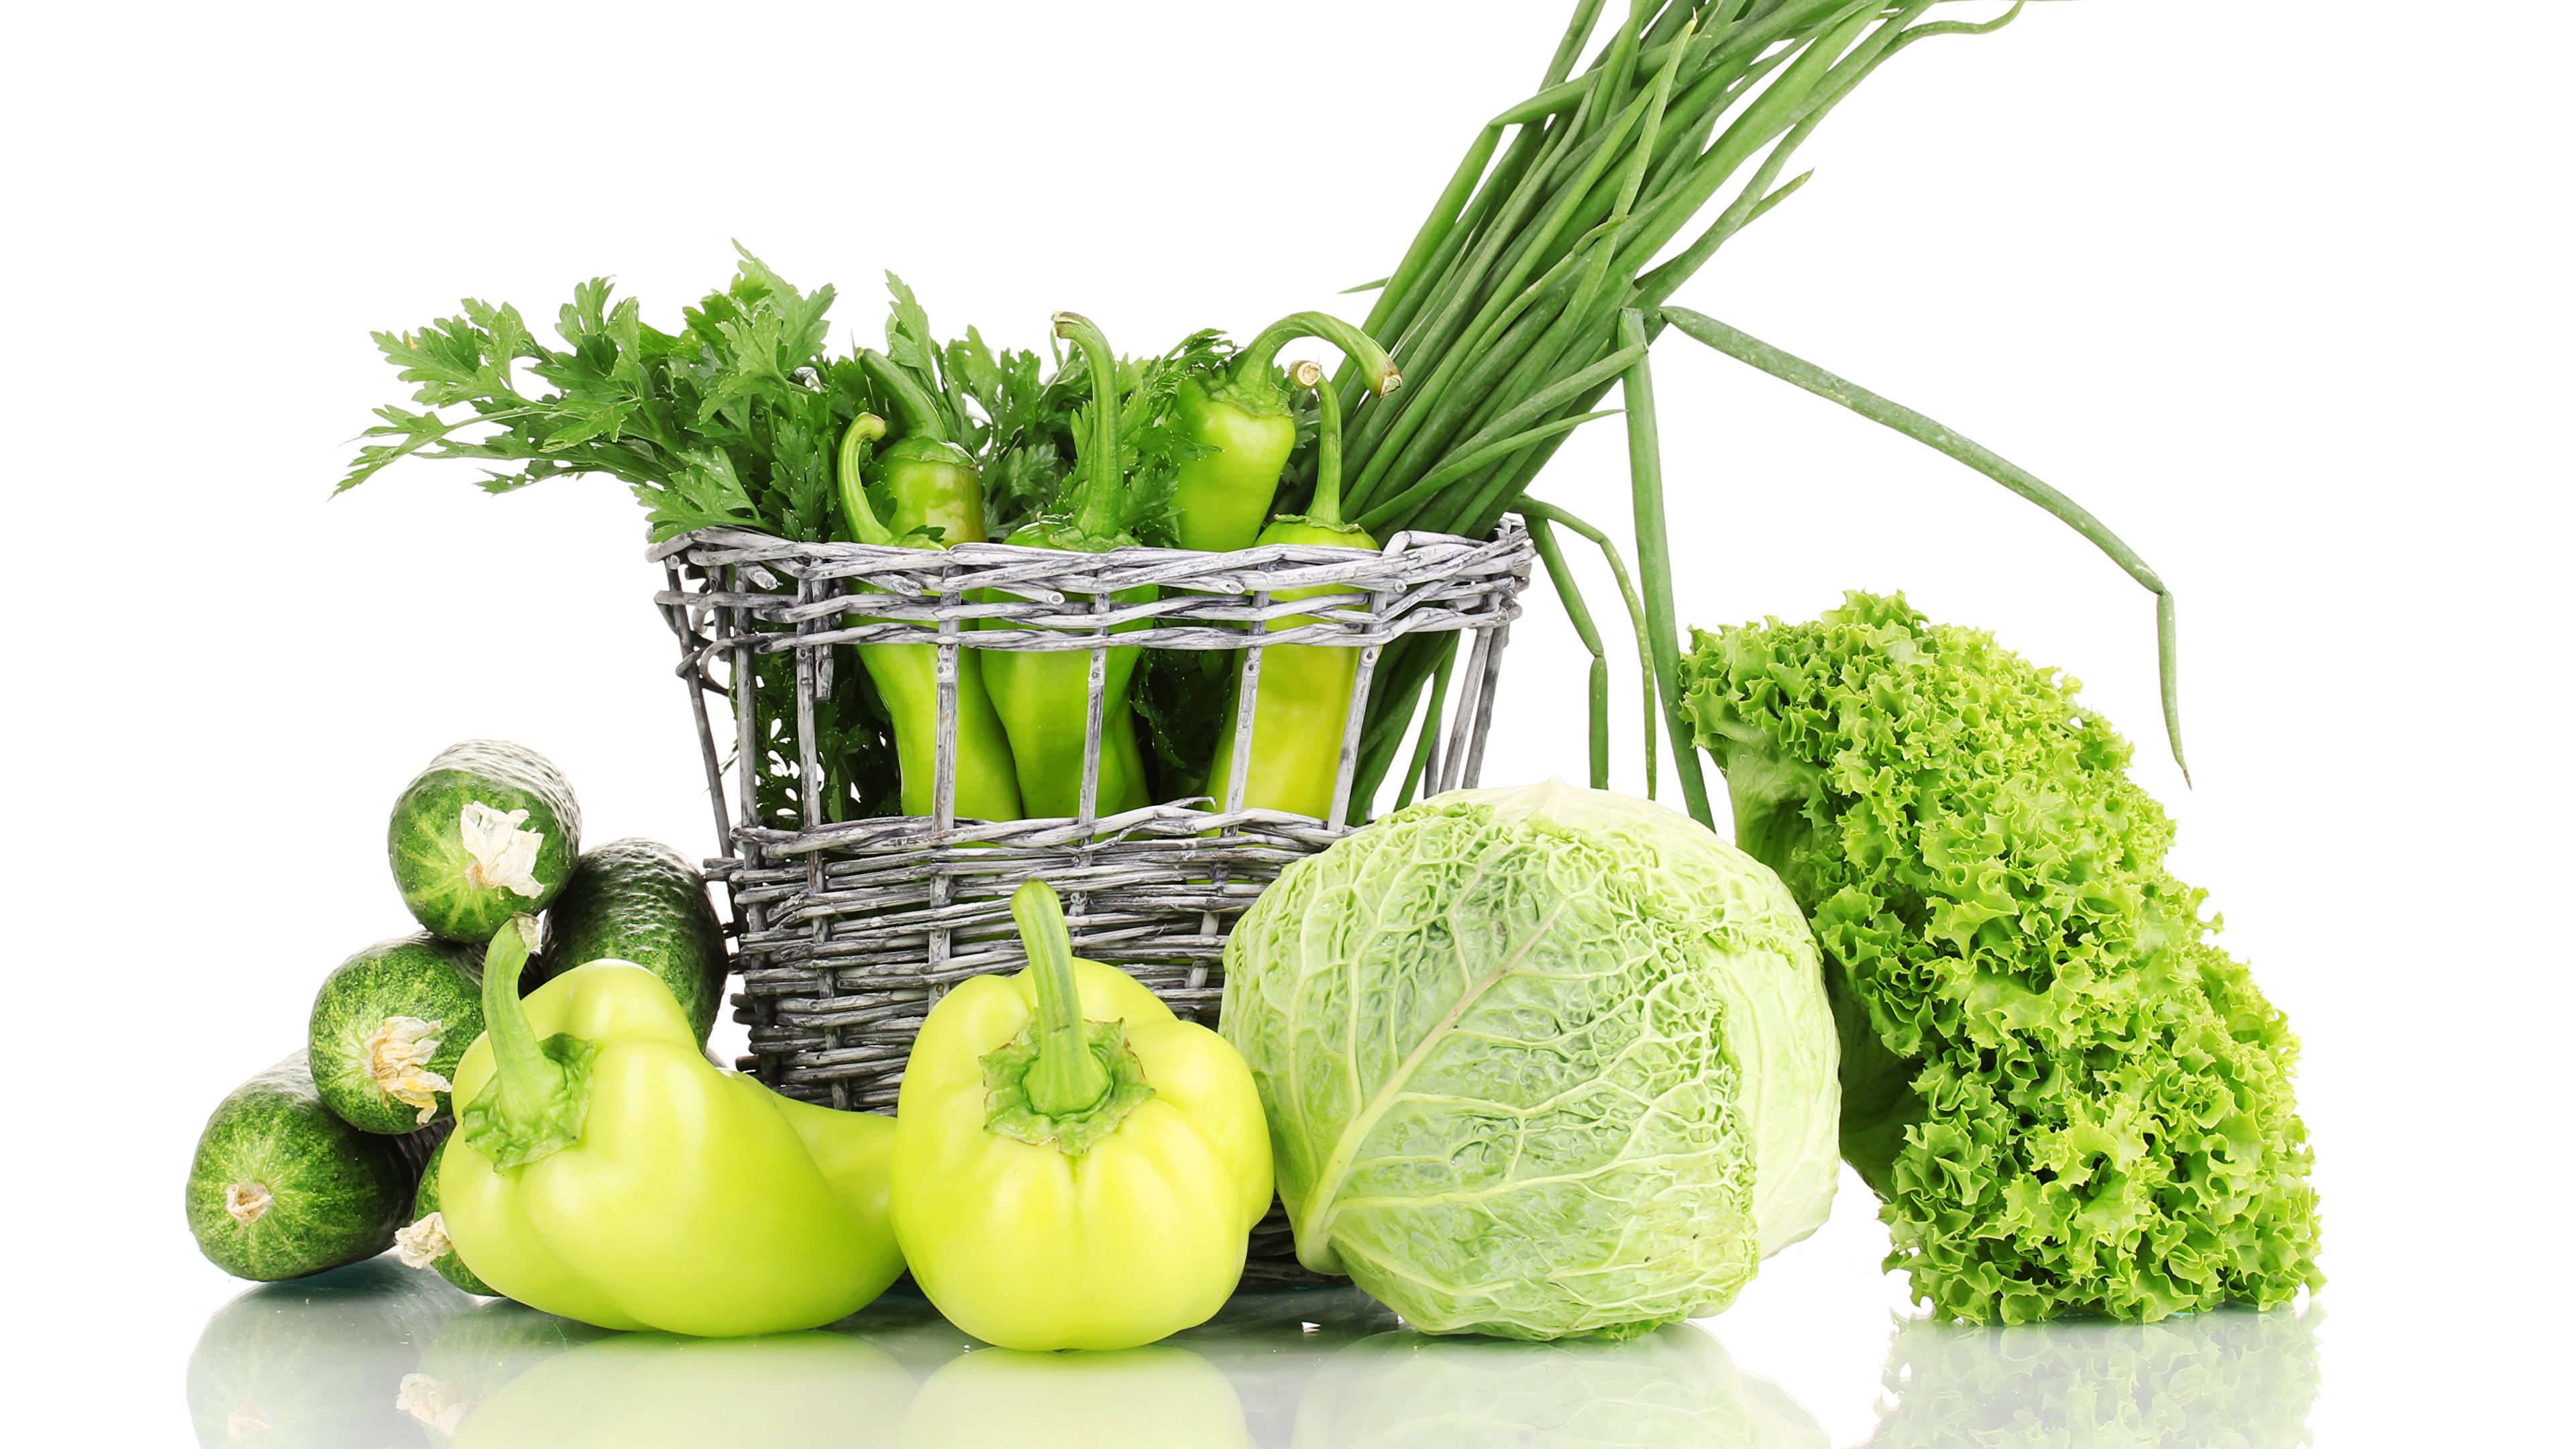 Фото Огурцы Капуста зеленых Корзинка Пища Овощи Перец белым фоном 3840x2160 зеленая зеленые Зеленый Корзина корзины Еда перец овощной Продукты питания Белый фон белом фоне